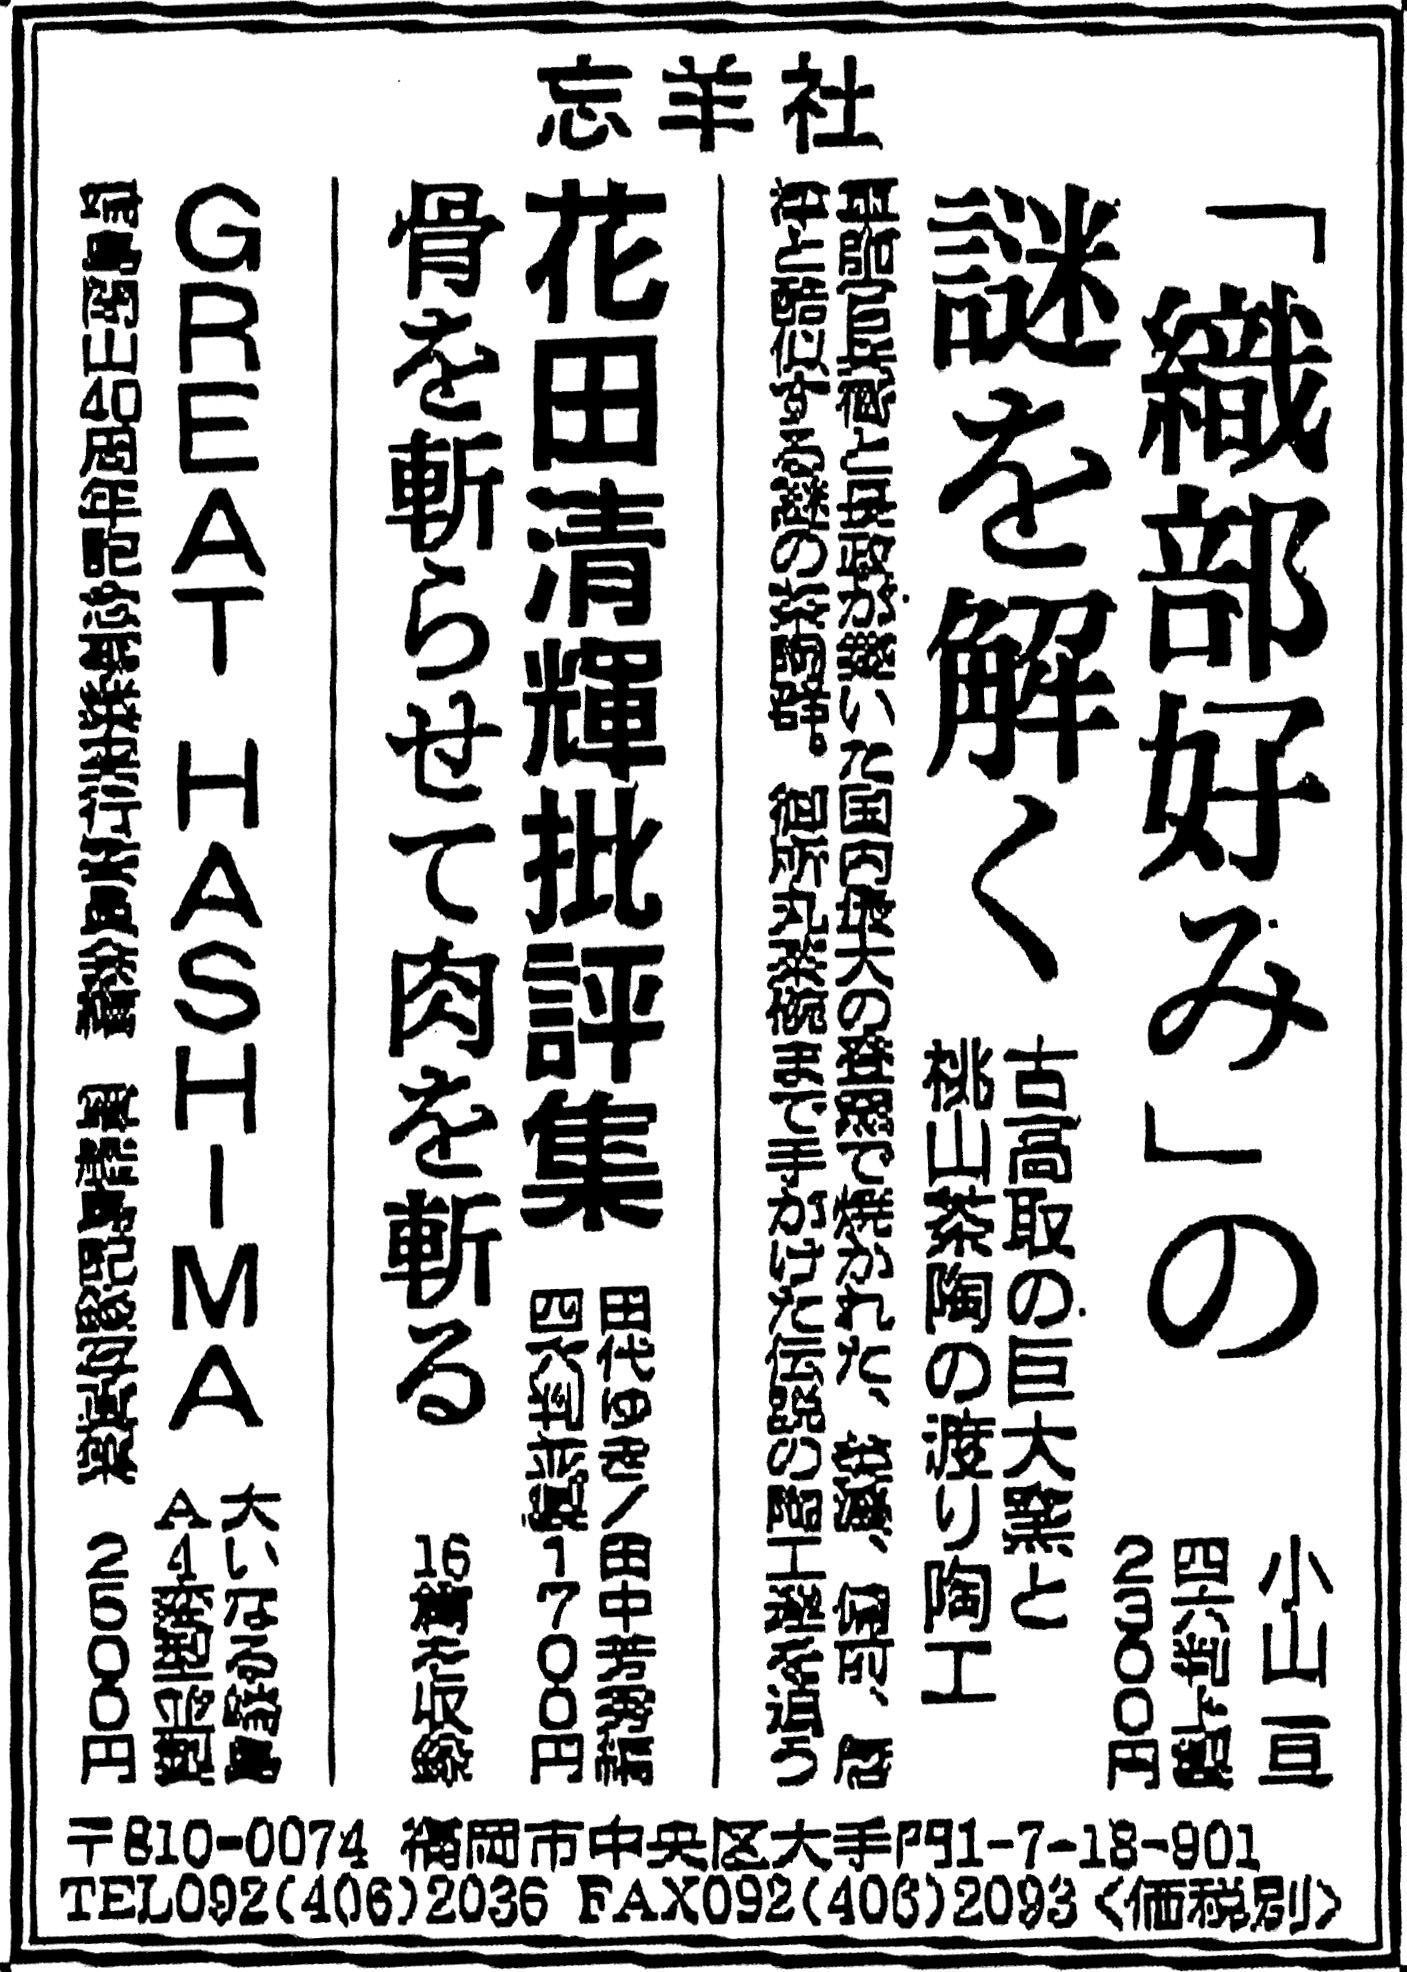 ASAHI-AD-2014-12-28